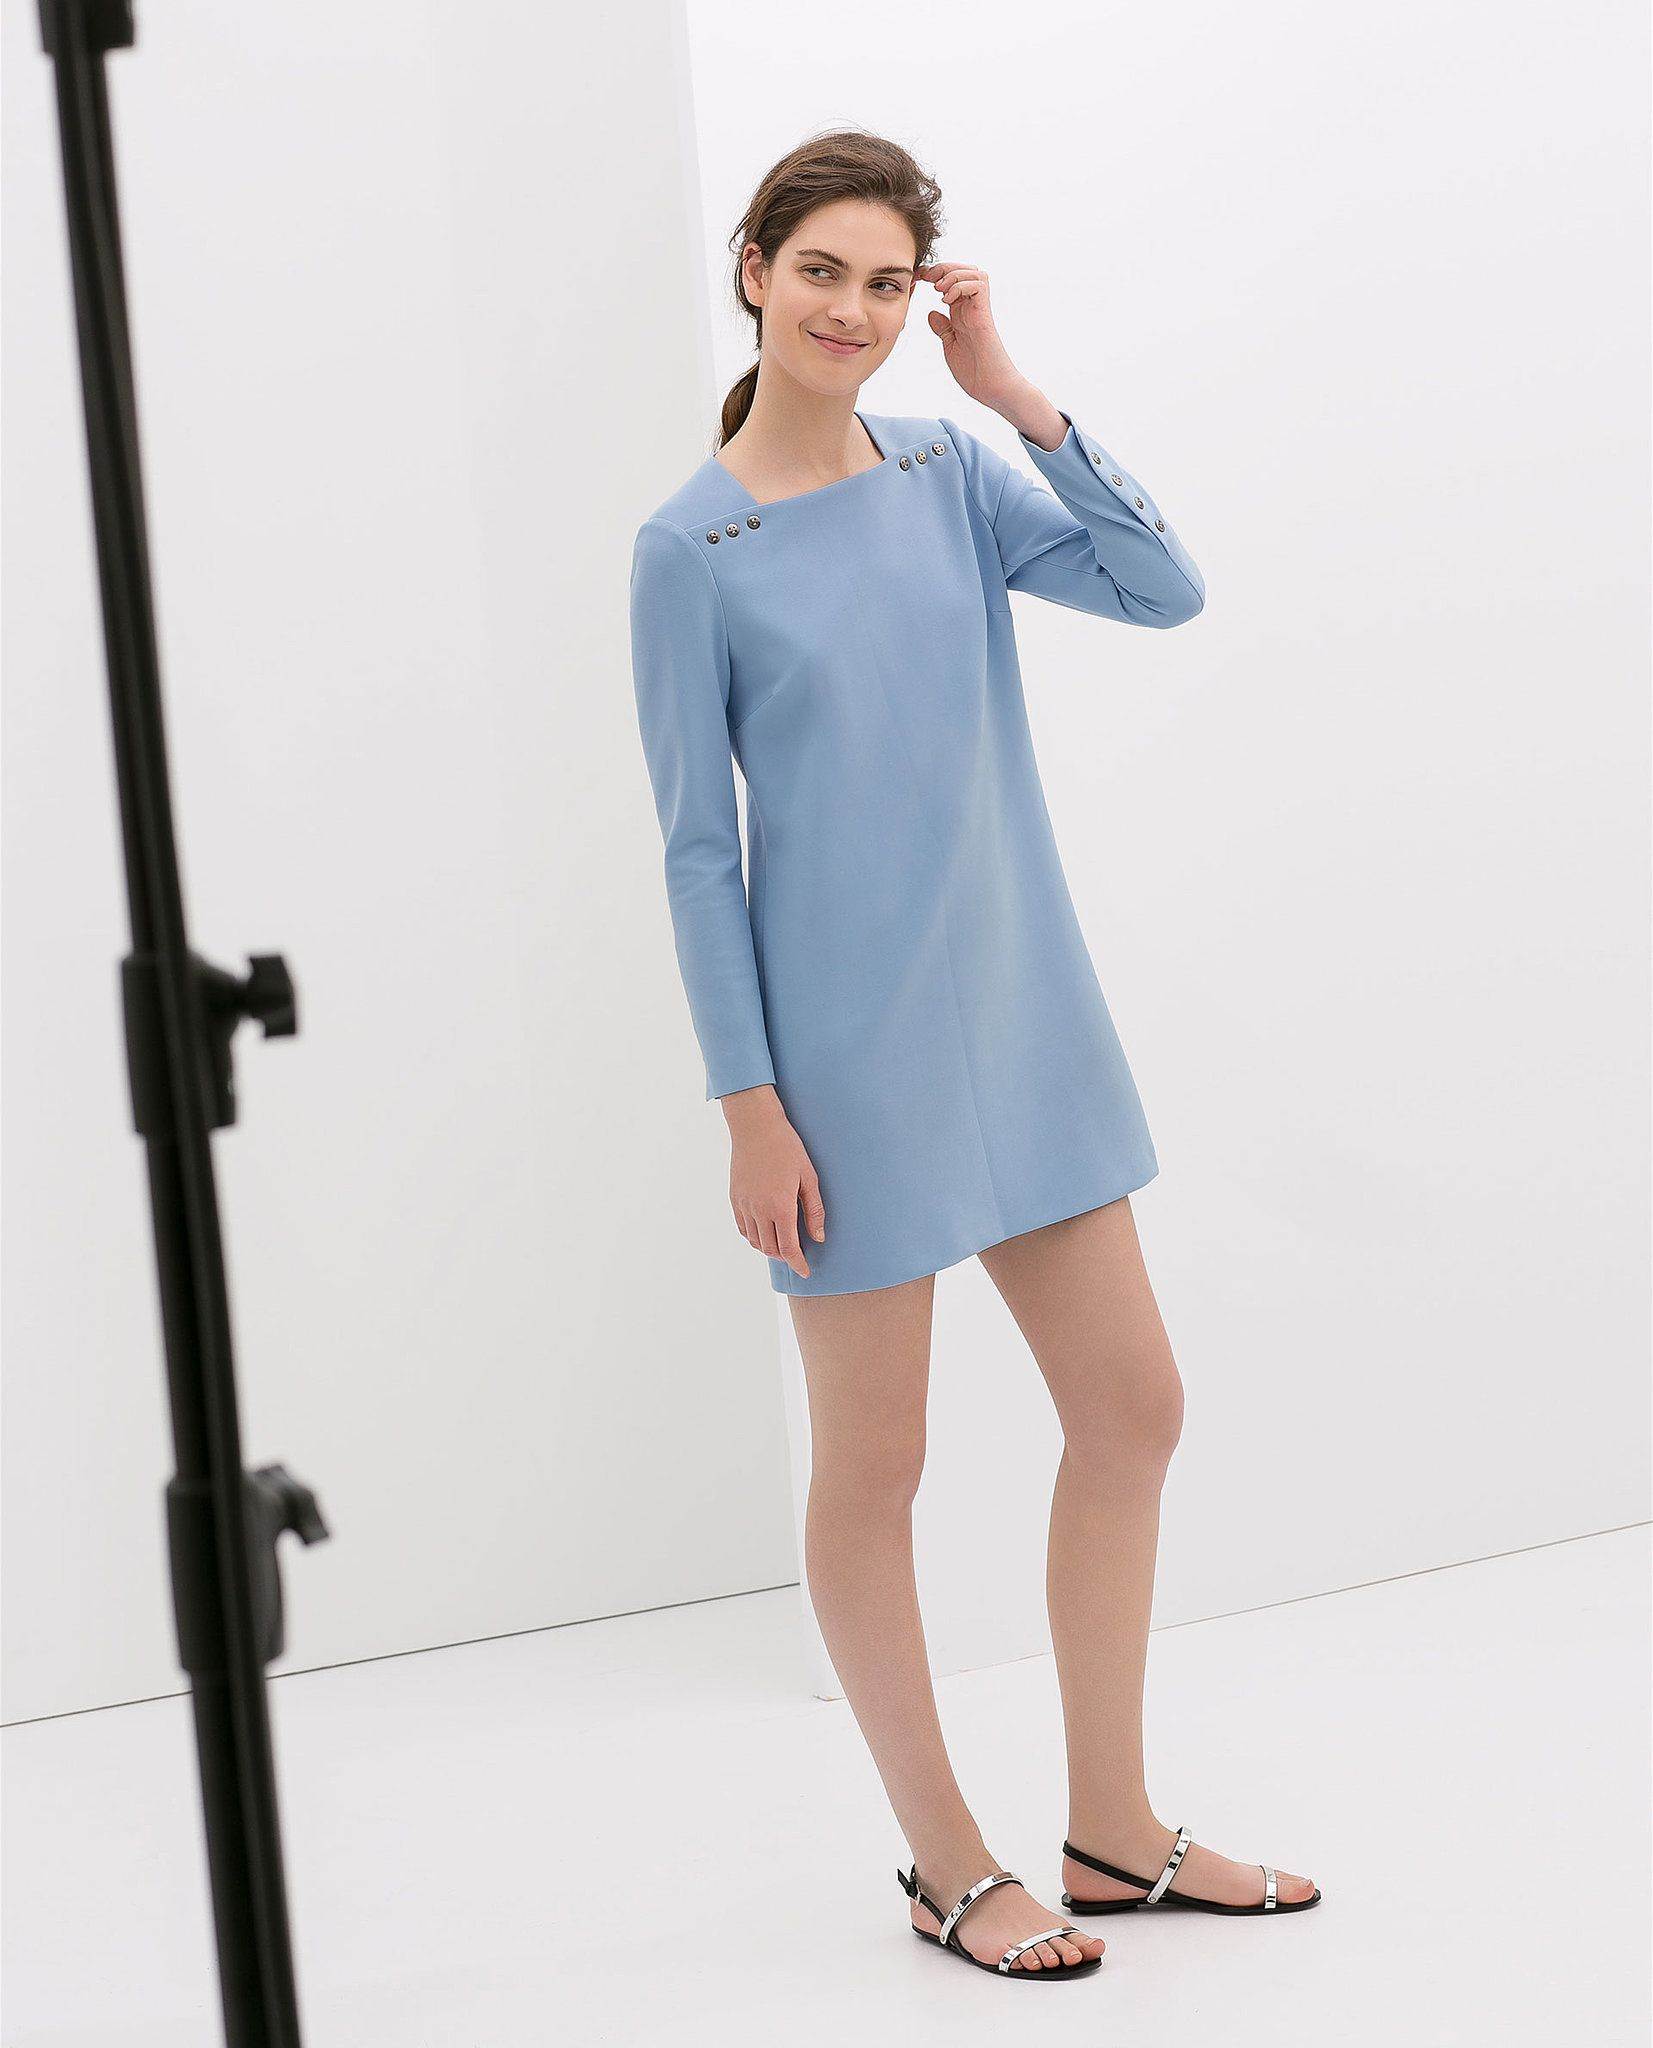 Zara Long Sleeve Blue Dress With Buttons $100